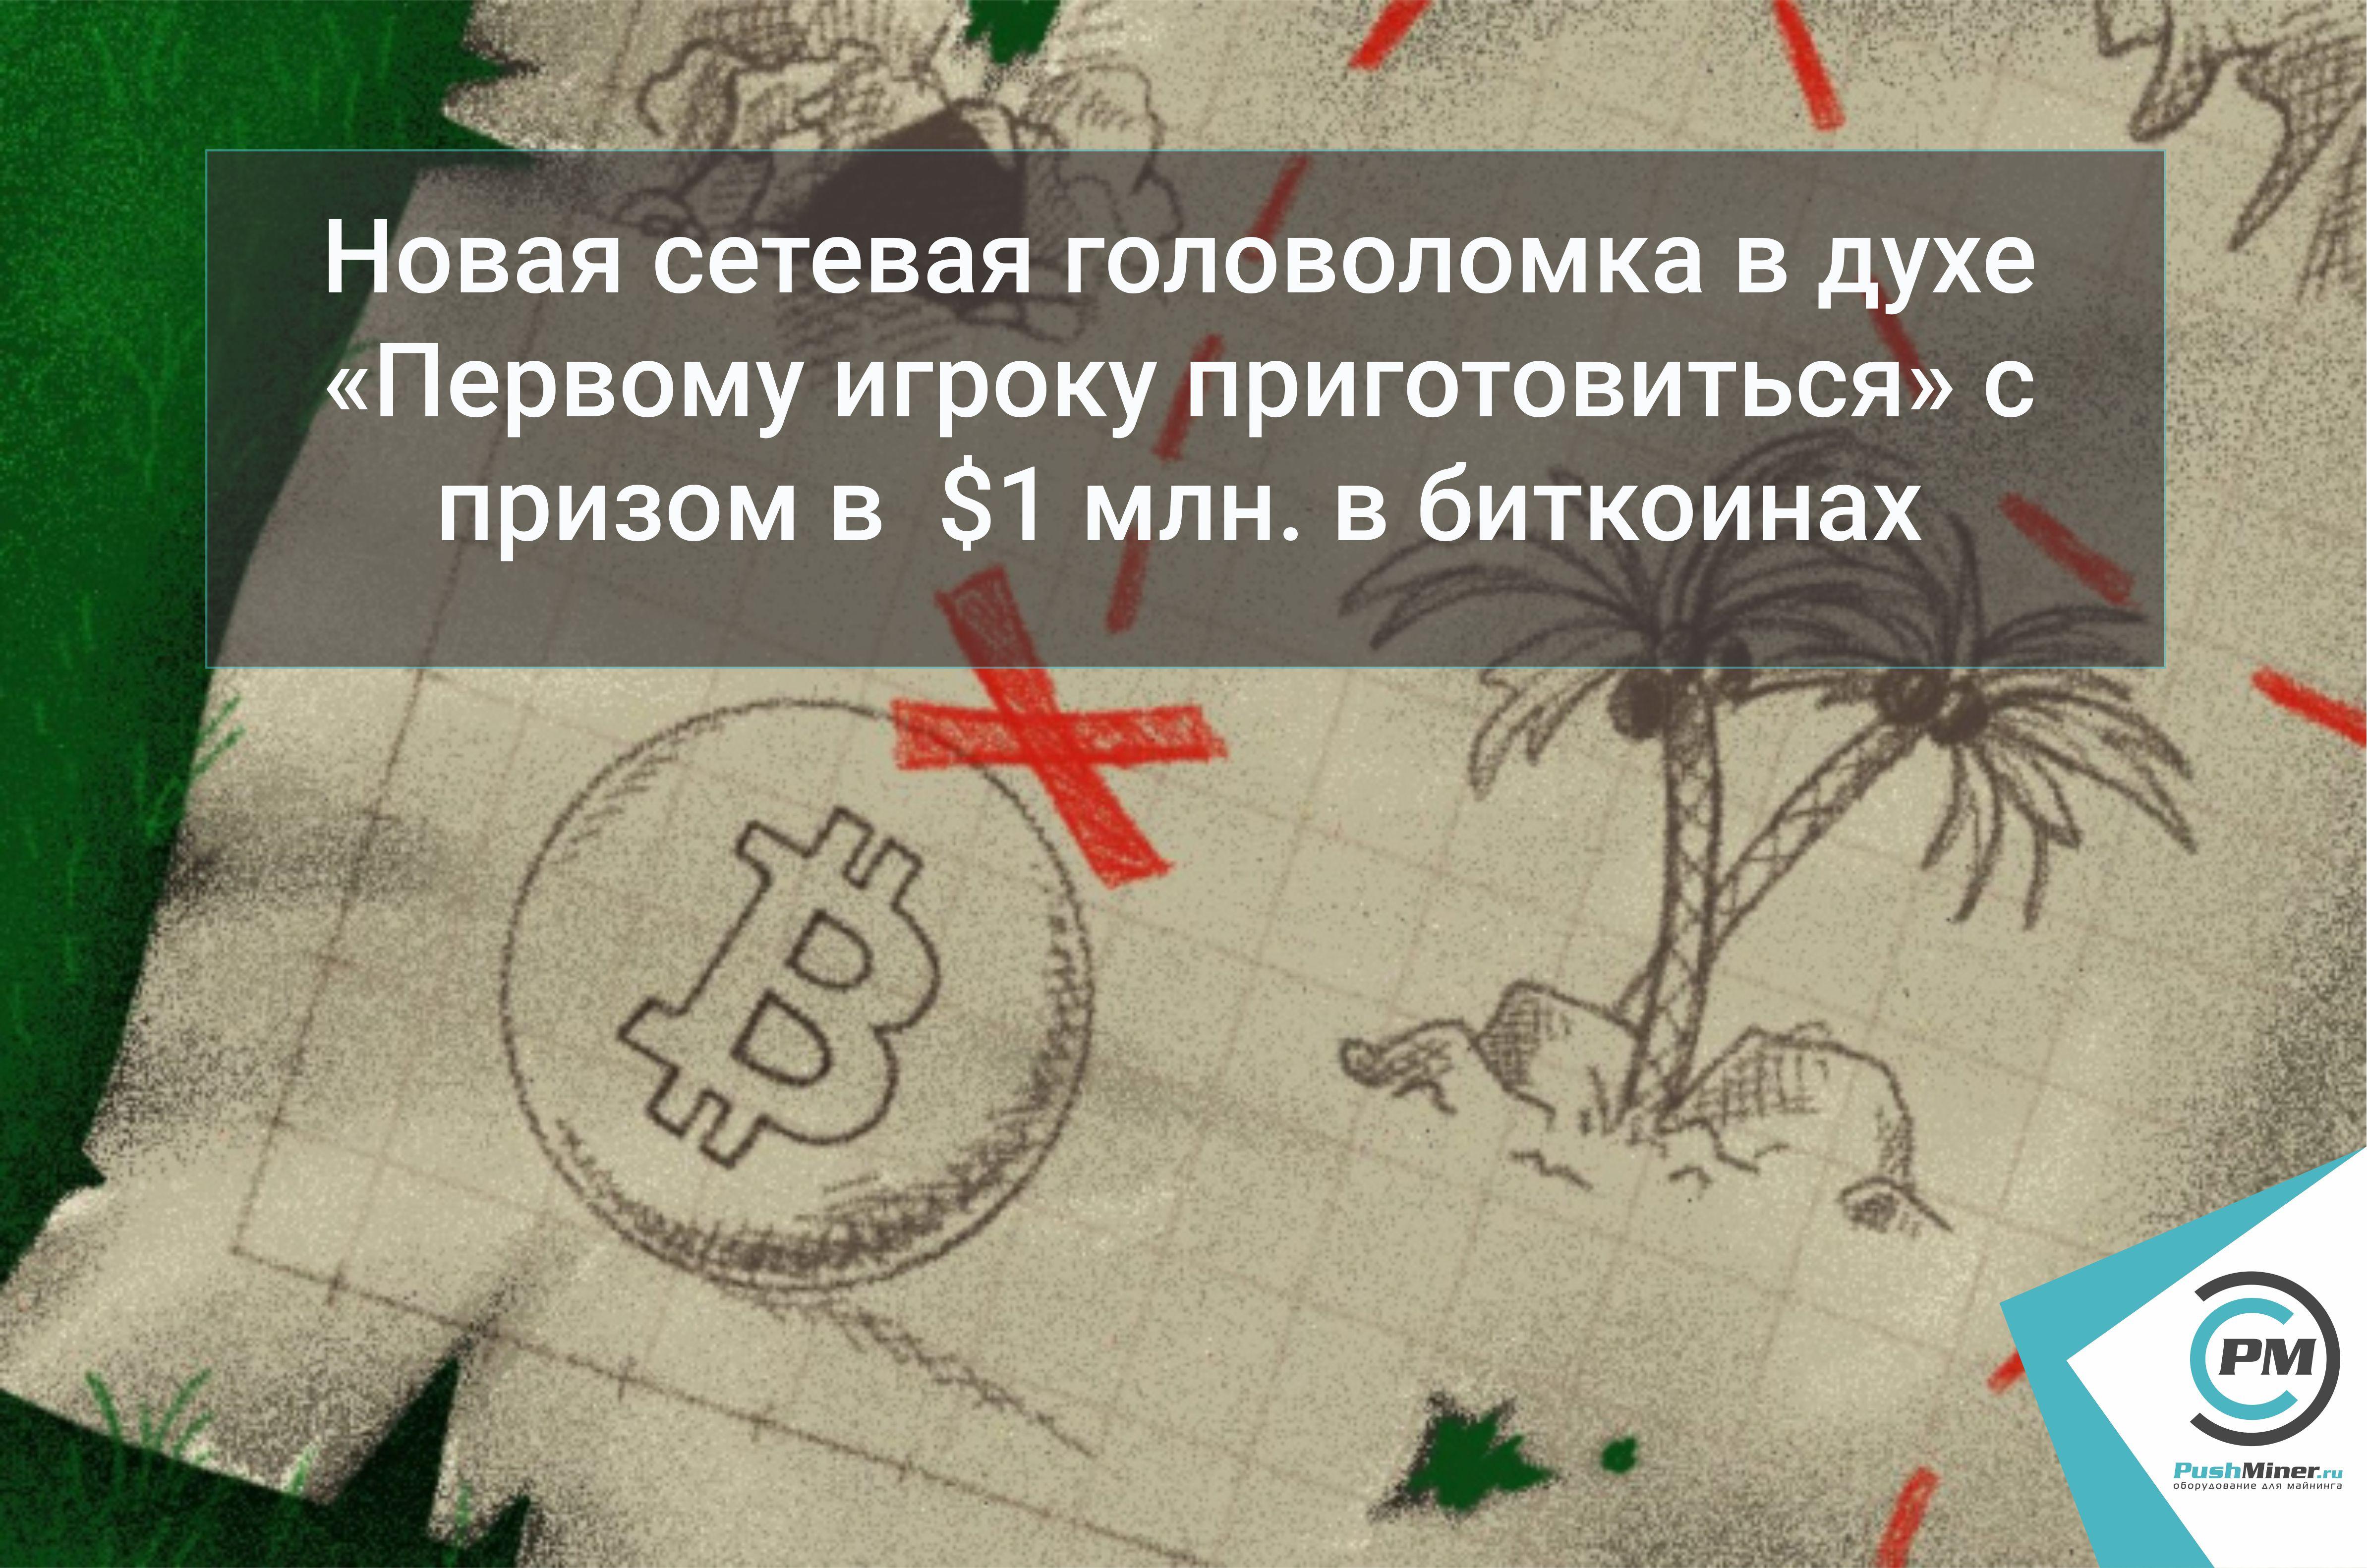 Новая сетевая головоломка в духе «Первому игроку приготовиться» с призом в  $1 млн. в биткоинах